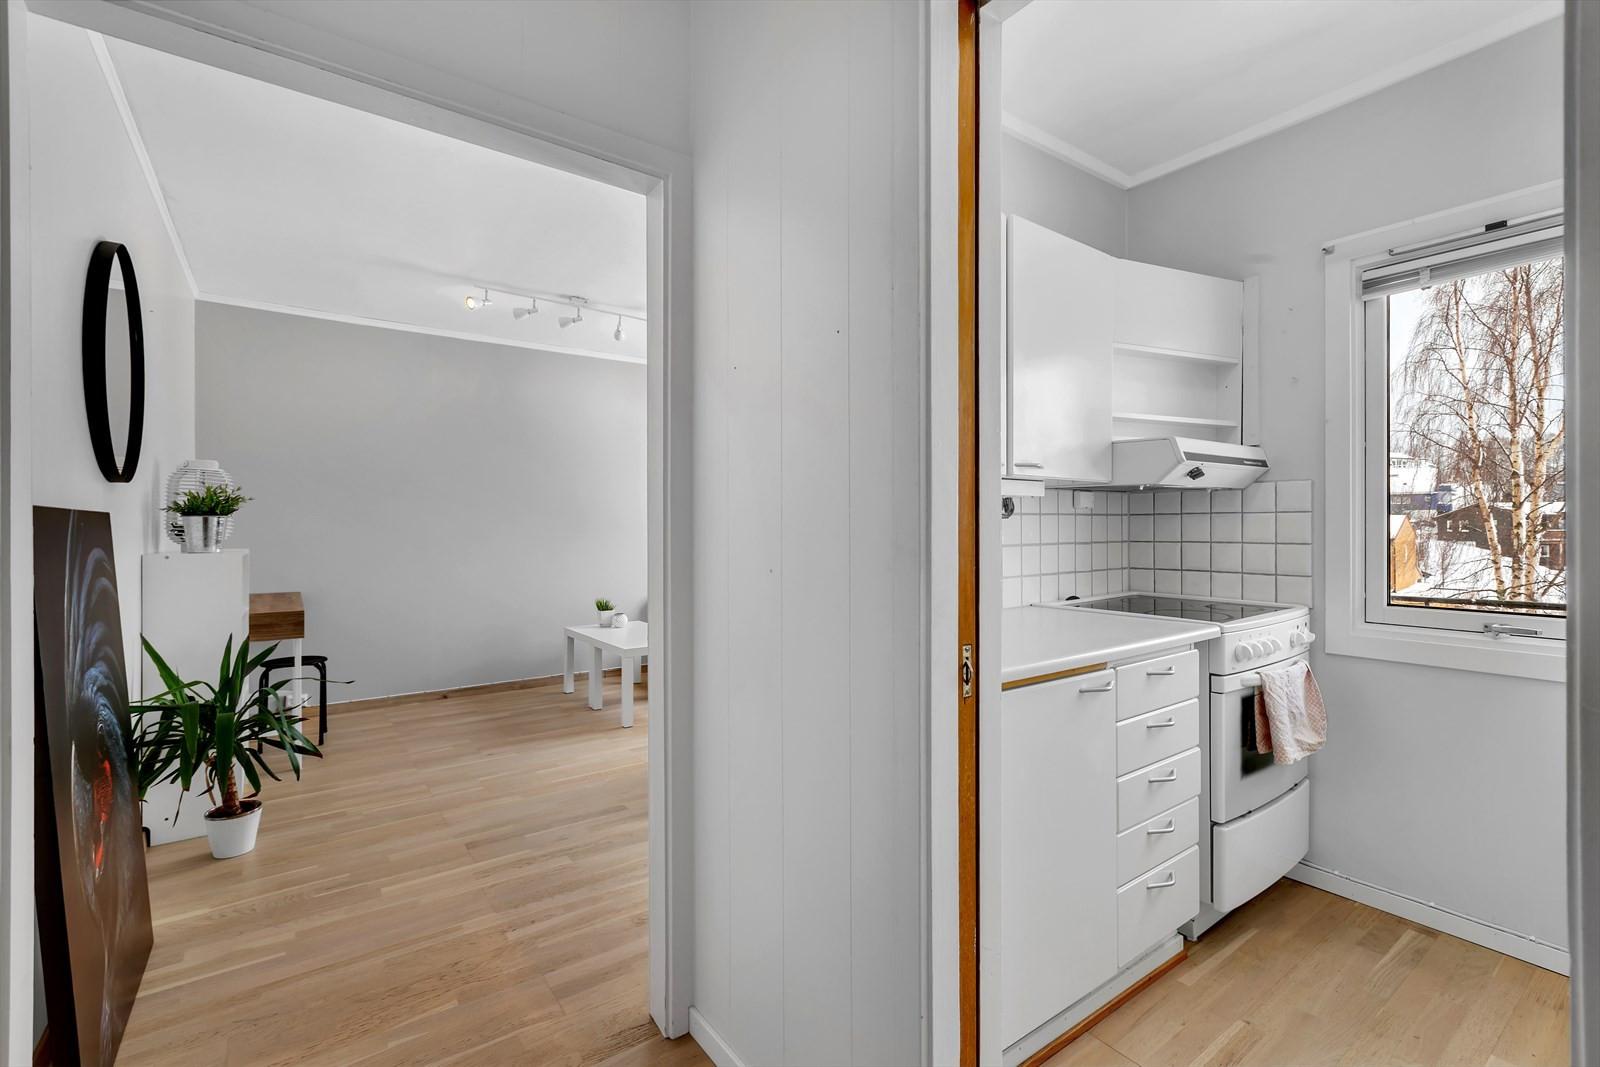 Kjøkken - vegg i vegg med stuen